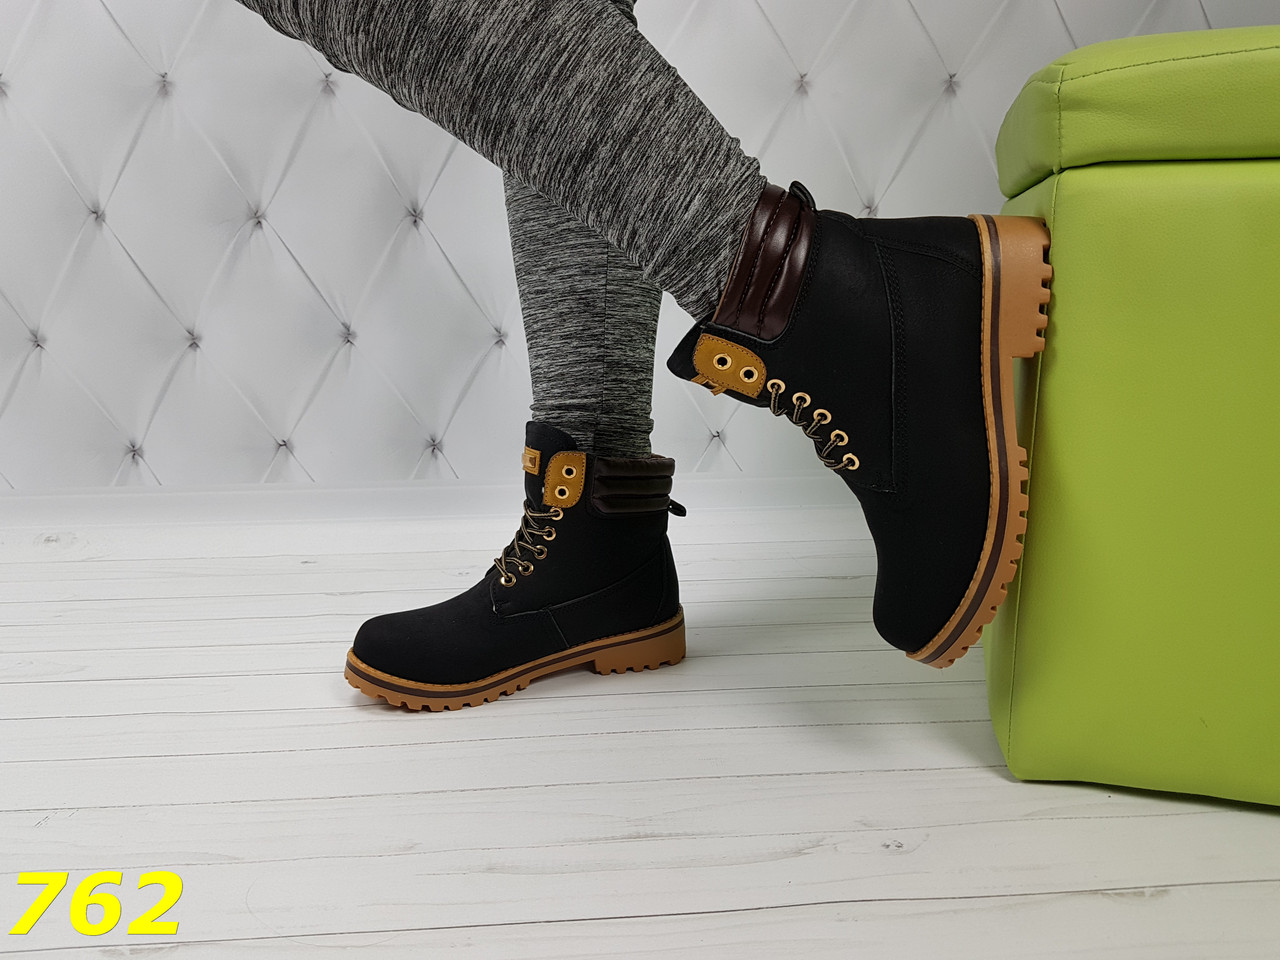 Ботинки тимбер черные зима очень теплые